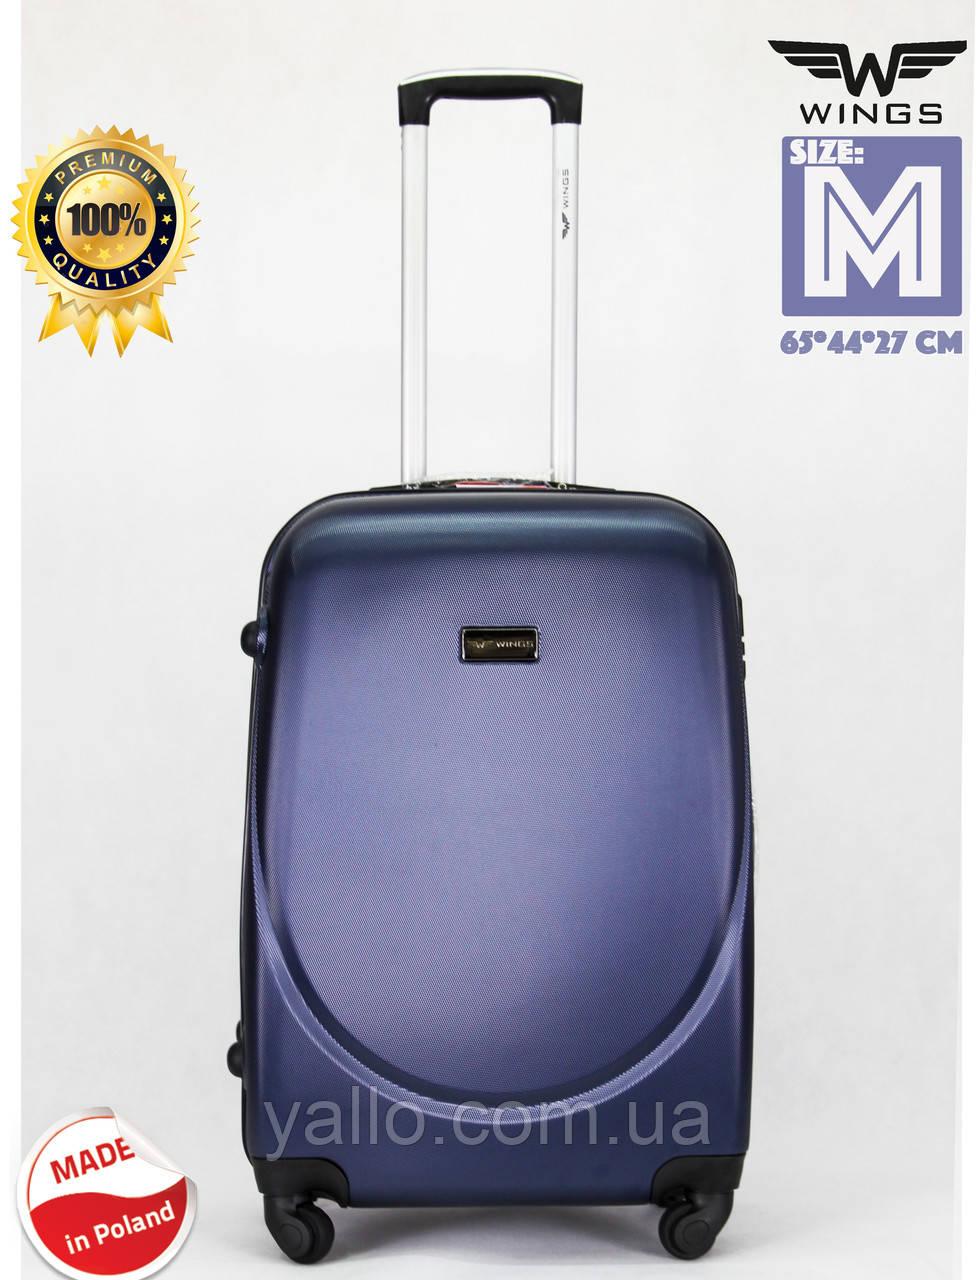 15401e9d89f6 Ударостойкий ! Средний пластиковый чемодан на четырёх каучуковых колёсах